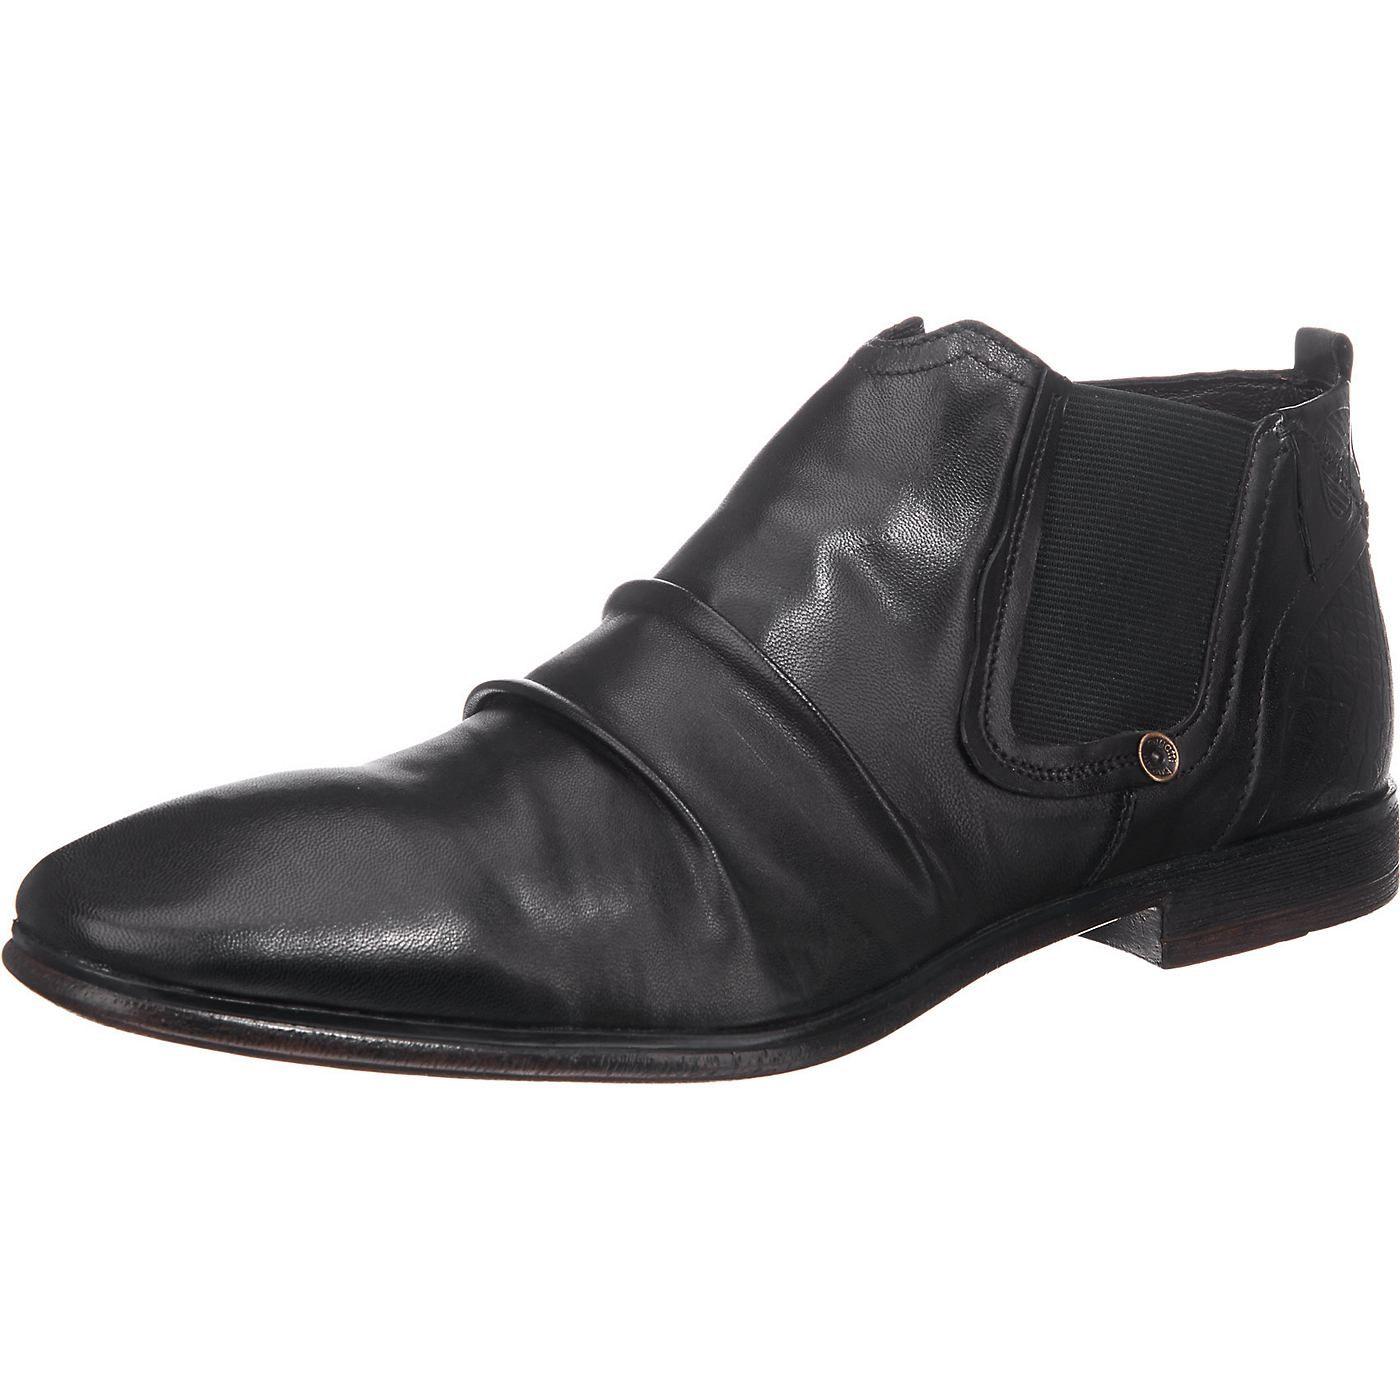 Die bugatti Business Schuhe besitzen außen wie innen eine weiche Lederausstattung. Der knöchelhohe Schnitt und das in Falten gelegte Obermaterial sorgen für einen lässigen Look.   - Verschluss: Reißverschluss - Absatzart: Blockabsatz - Absatzhöhe: ca. 2,2 cm - Webgummieinsätze auf einer Seiten  Obermaterial: Leder (Nappaleder) Futter: Leder Decksohle: Materialmix aus Leder und Textil Laufsohle:...